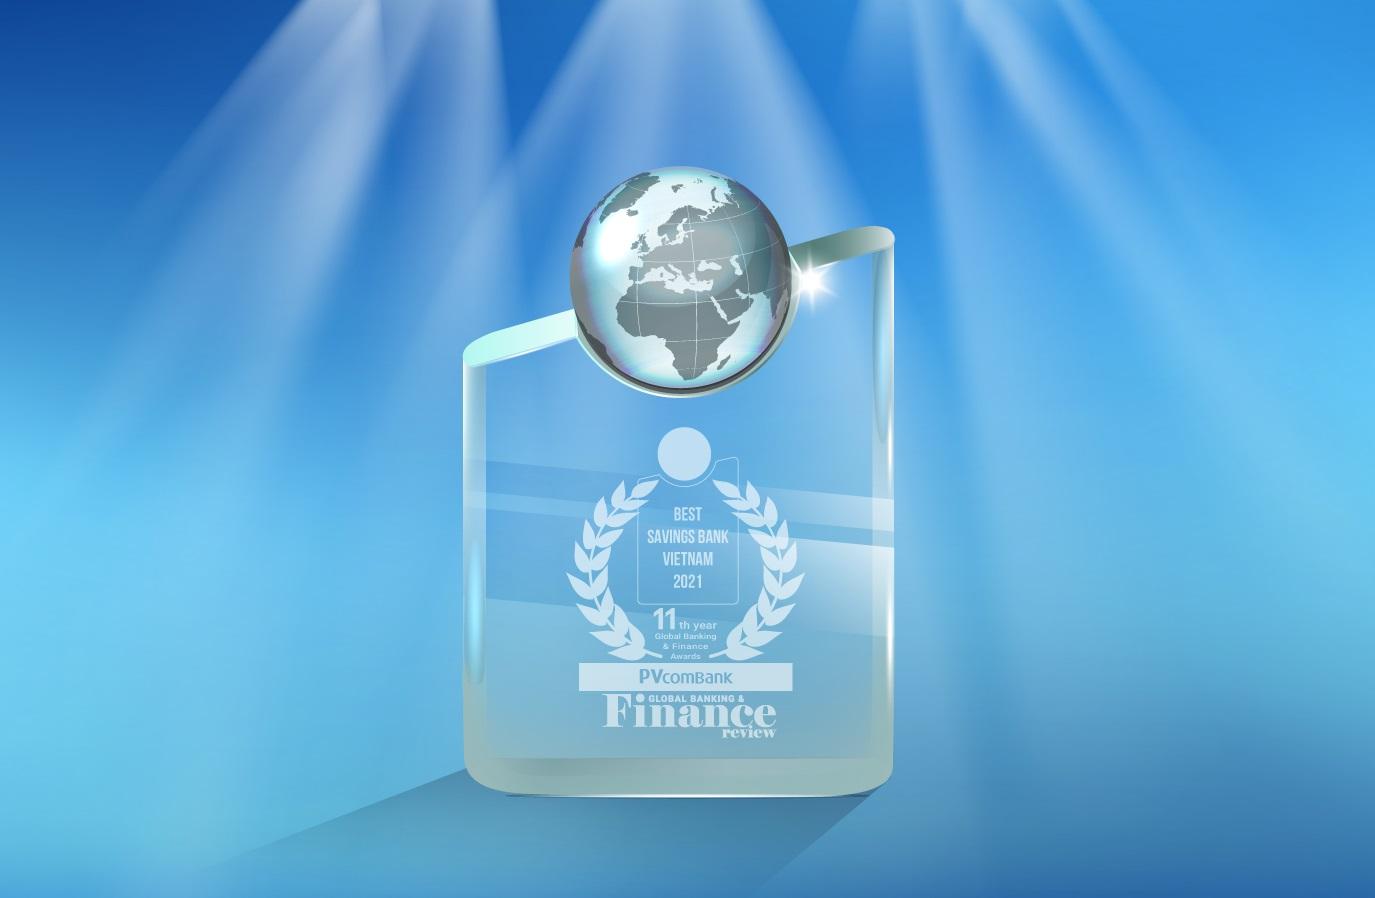 PVcomBank tiếp tục khẳng định vị thế trên thị trường bằng ba giải thưởng quốc tế - Ảnh 1.